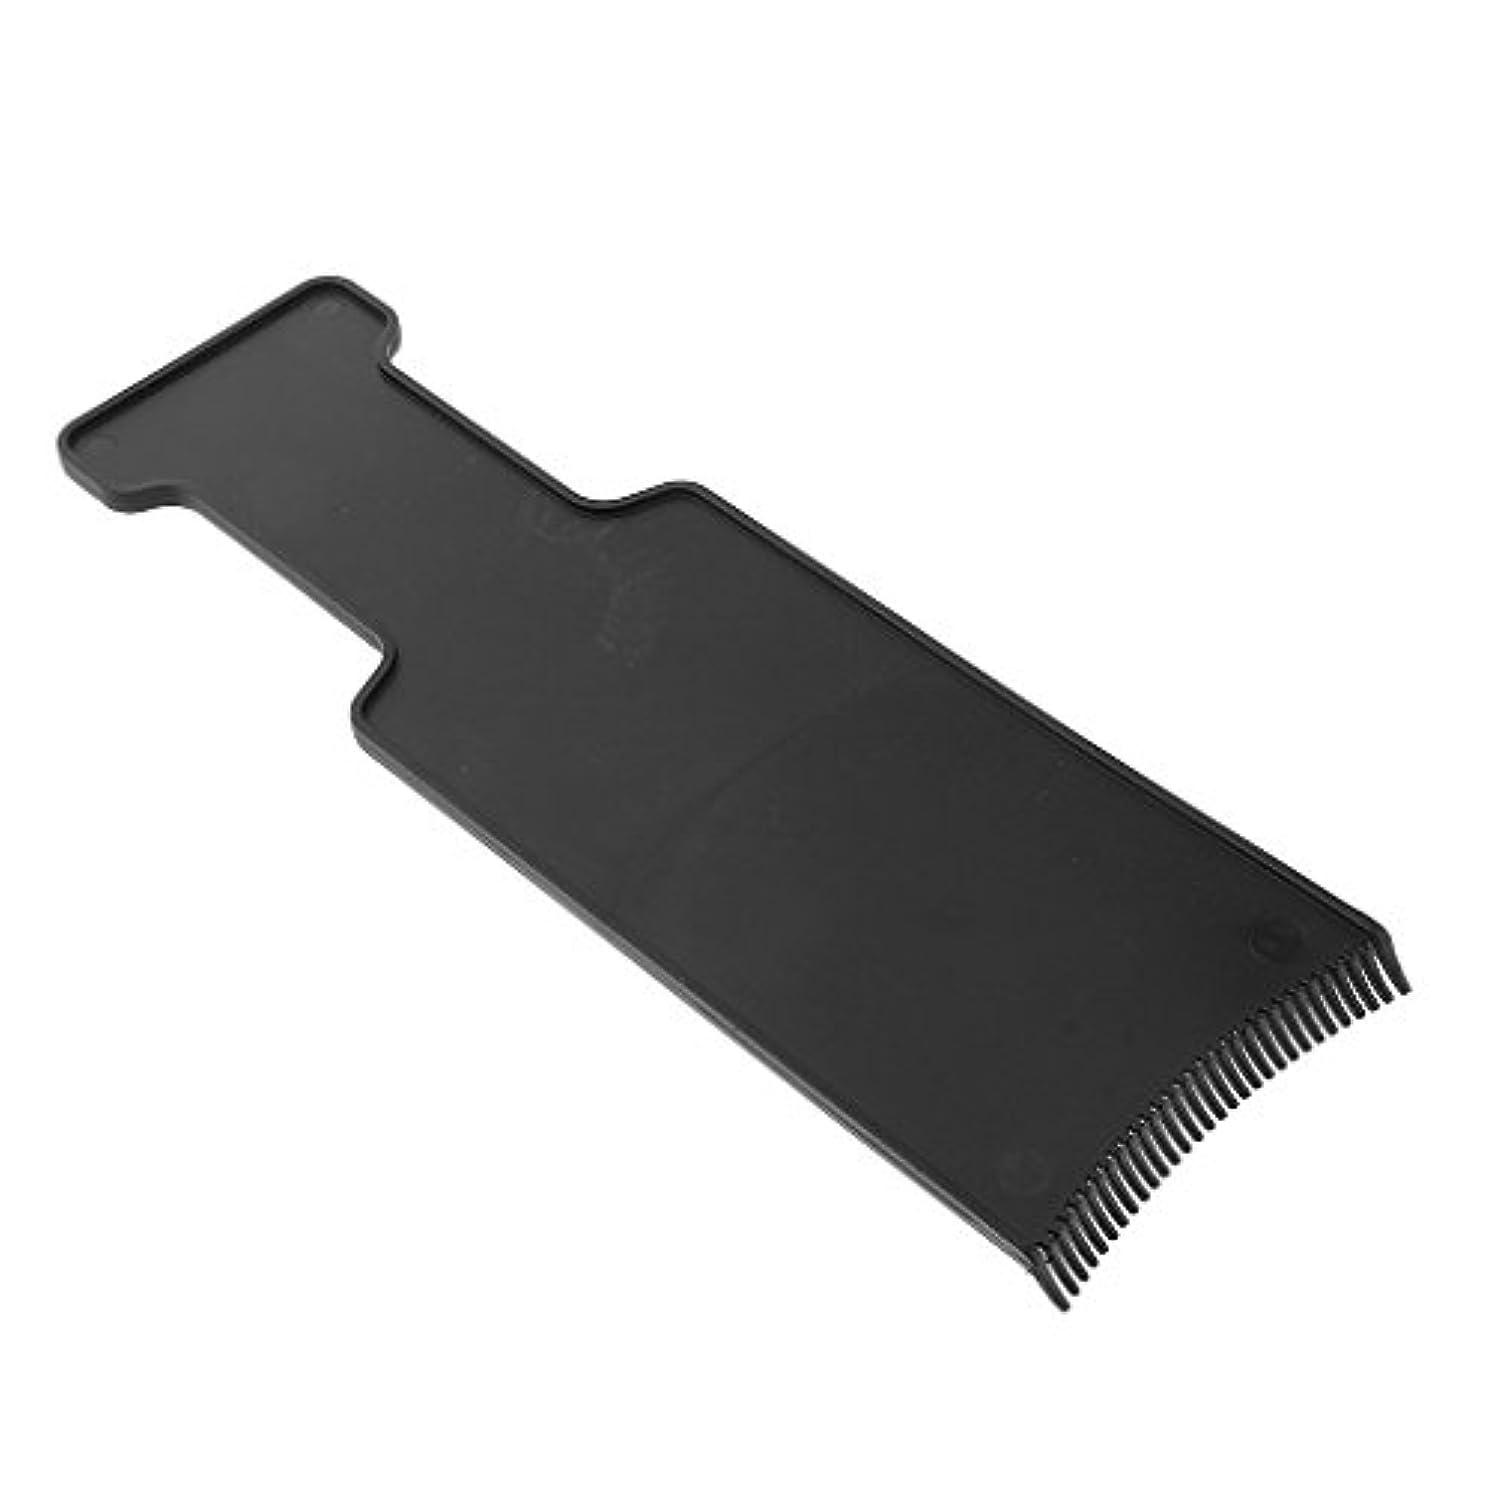 家主層地平線サロン ヘアカラー ボード ヘアカラーティント 美容 ヘア ツール 髪 保護 ブラック 全4サイズ - M